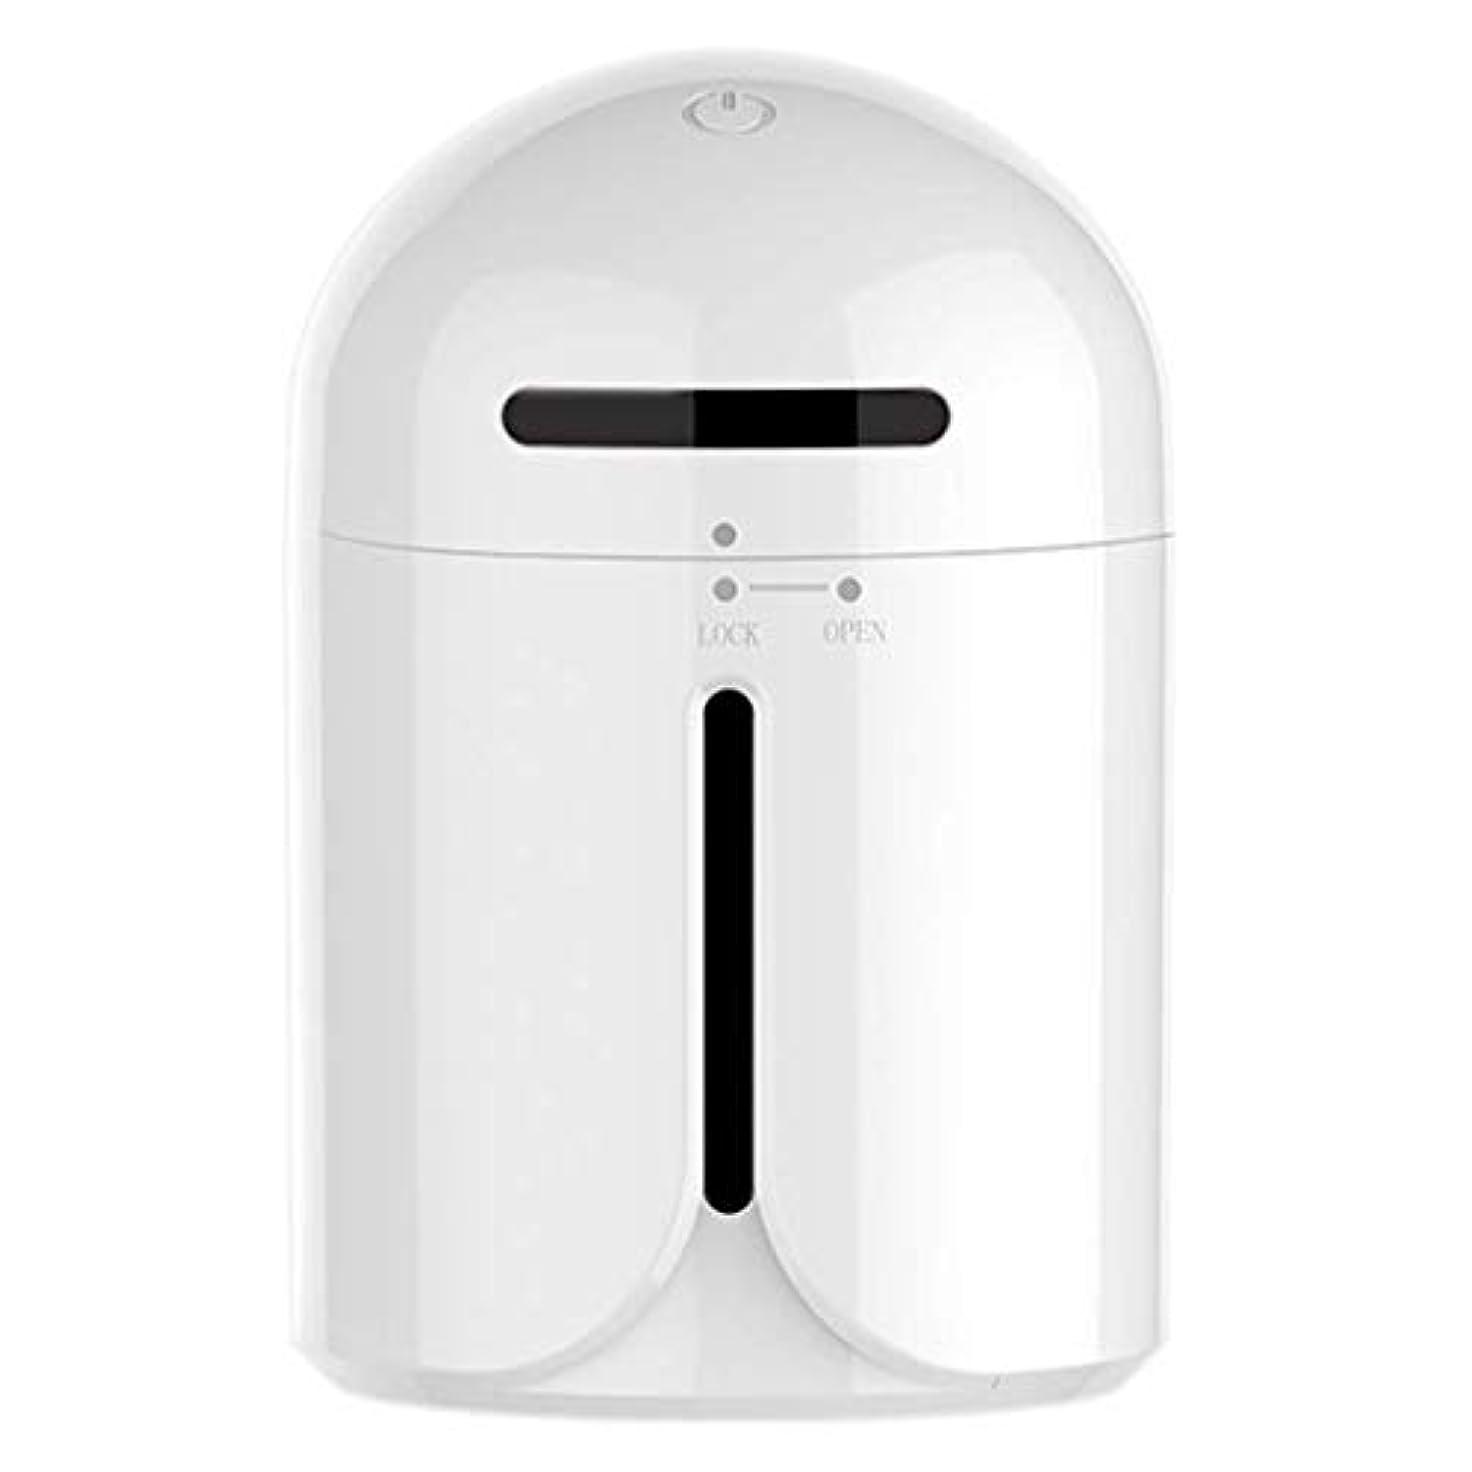 超音波加湿器、車のアロマディフューザー加湿器、気分を和らげるための健康的な肌の改善、睡眠の改善、清潔で清潔な新鮮な空気の浄化、LEDライトミュート (Color : 白)